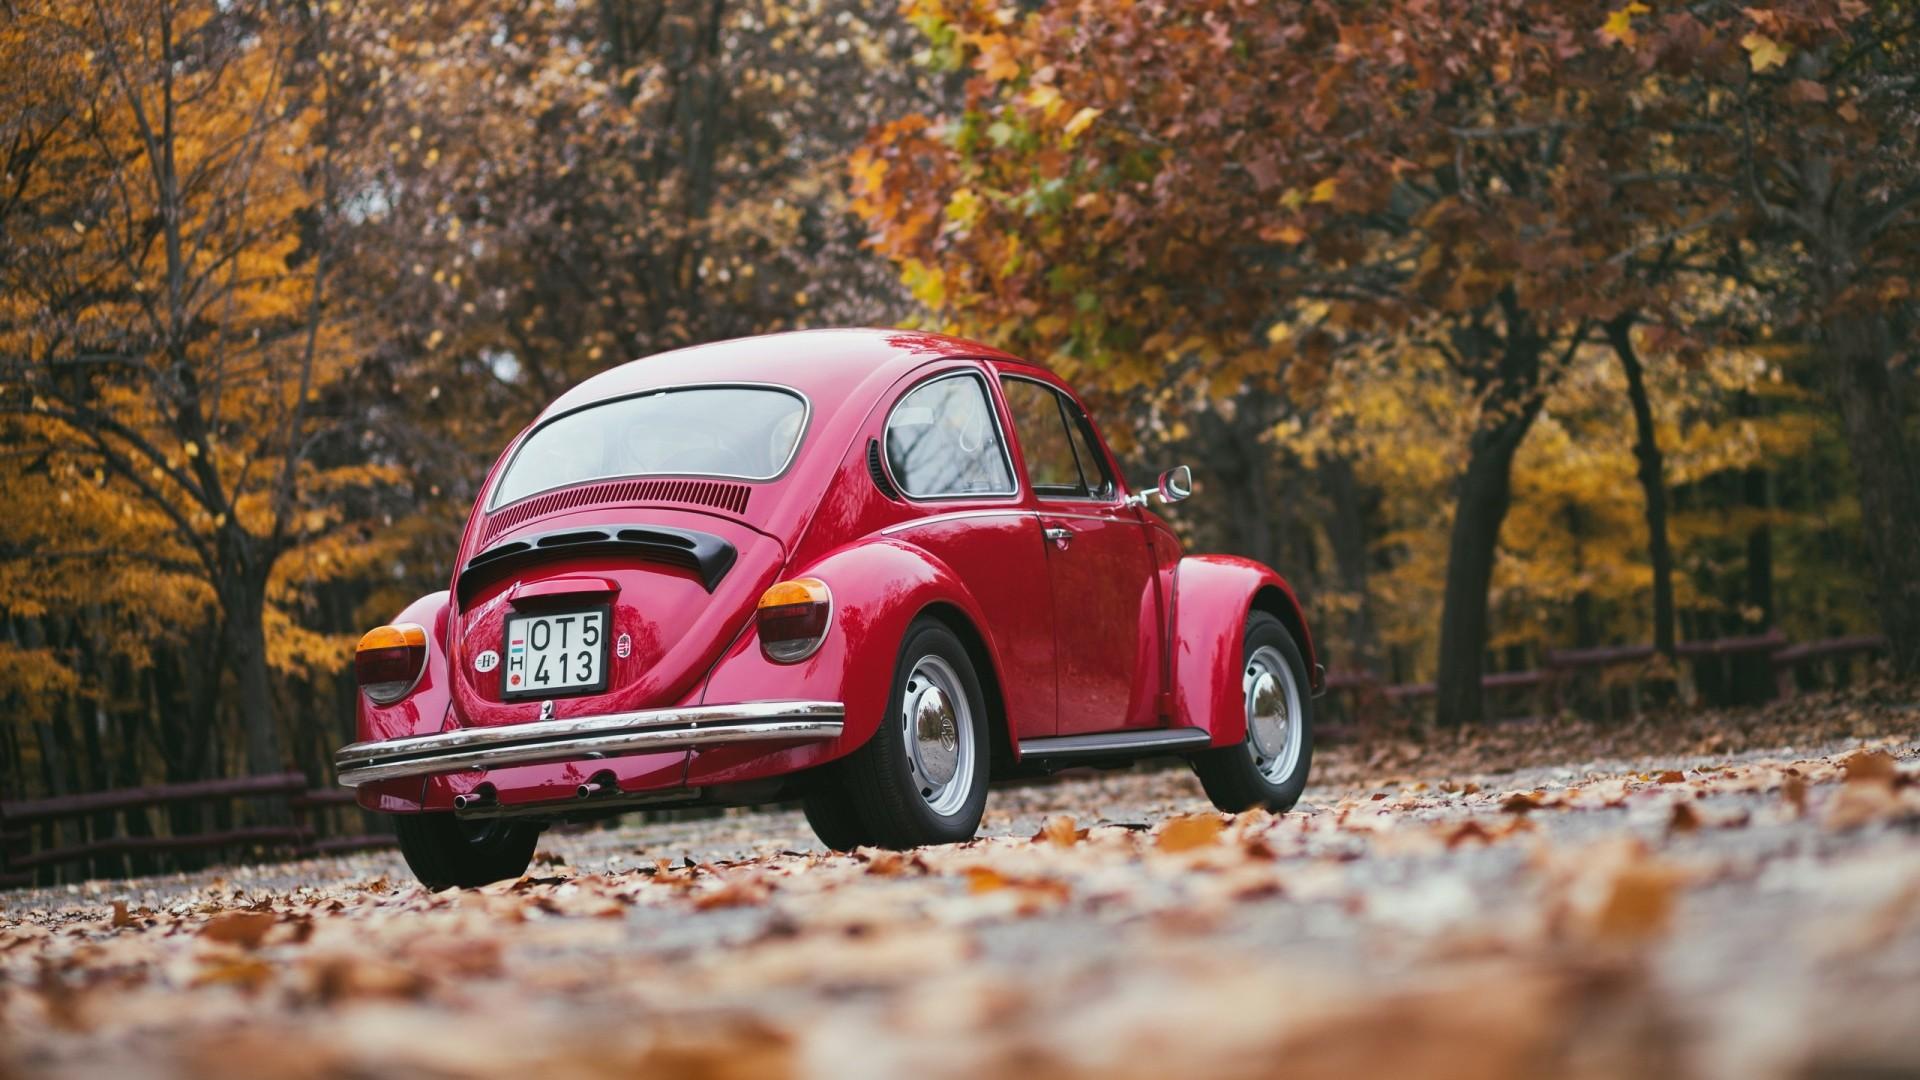 volkswagen beetle wallpaper  VW Beetle Wallpaper HD (72  images)